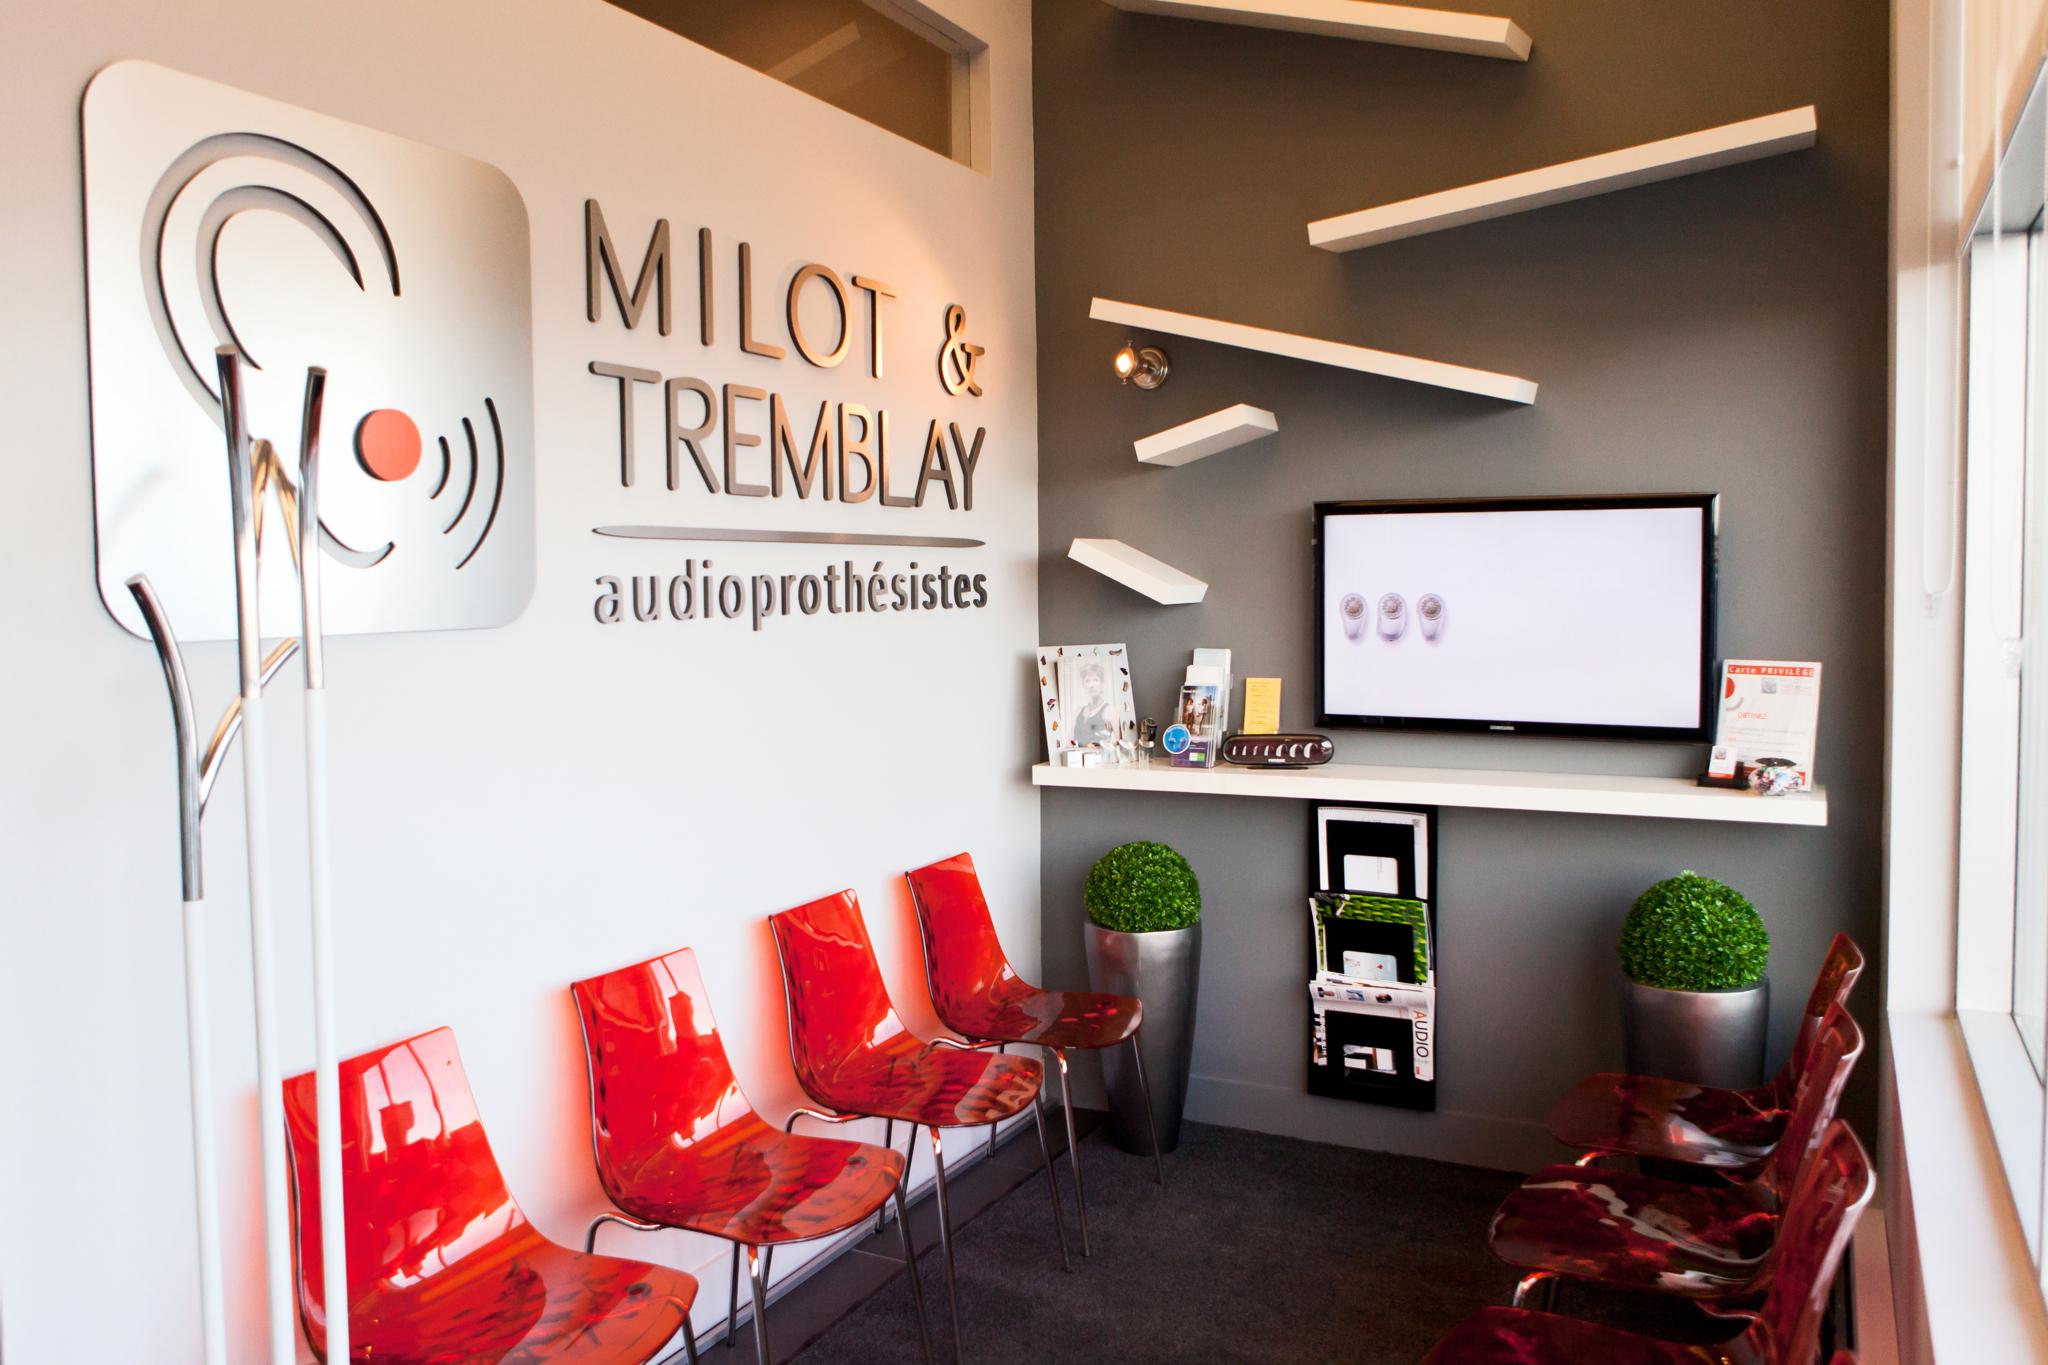 Milot & Tremblay Audioprothésistes